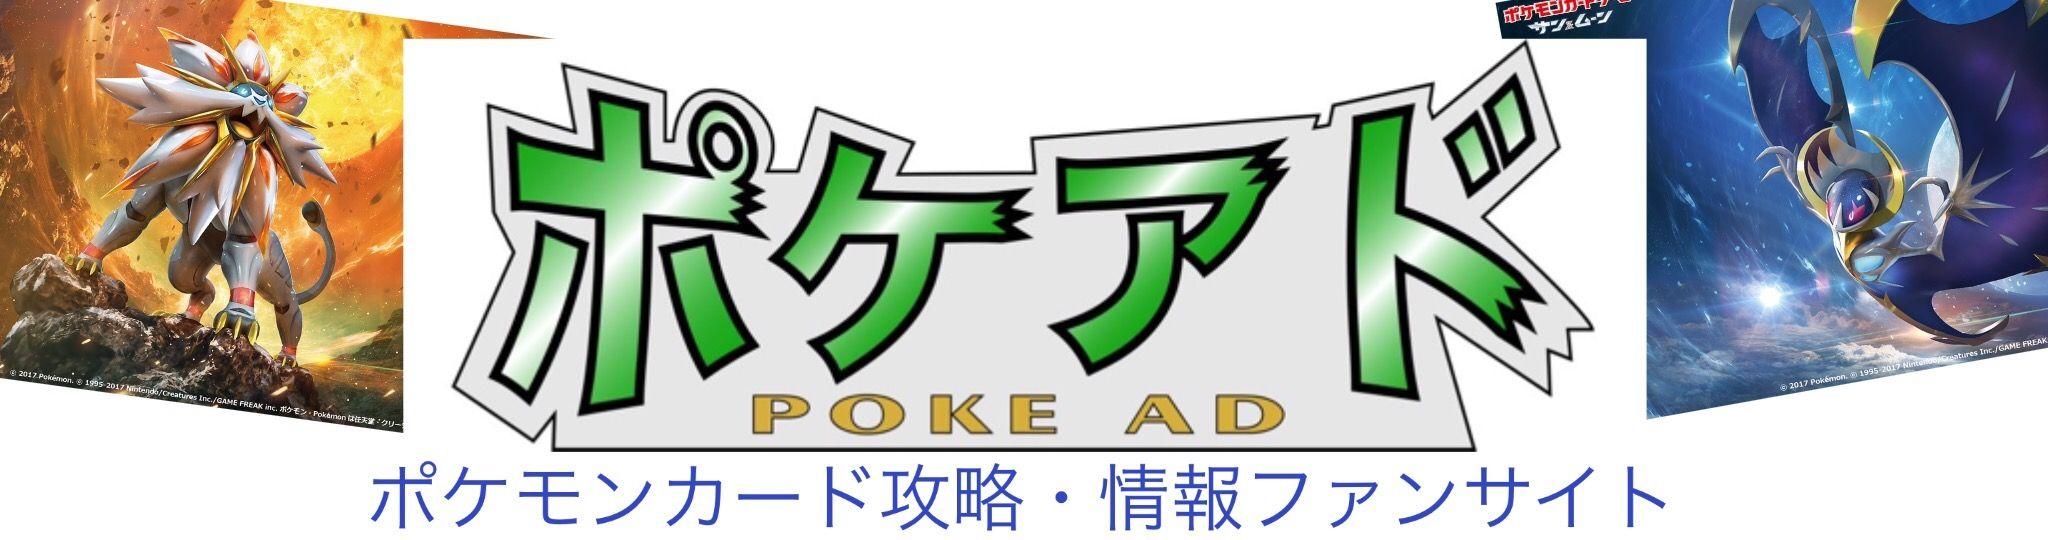 ポケアド 〜ポケモンカードのデッキ紹介や情報をお届けする非公式サイト〜 イメージ画像